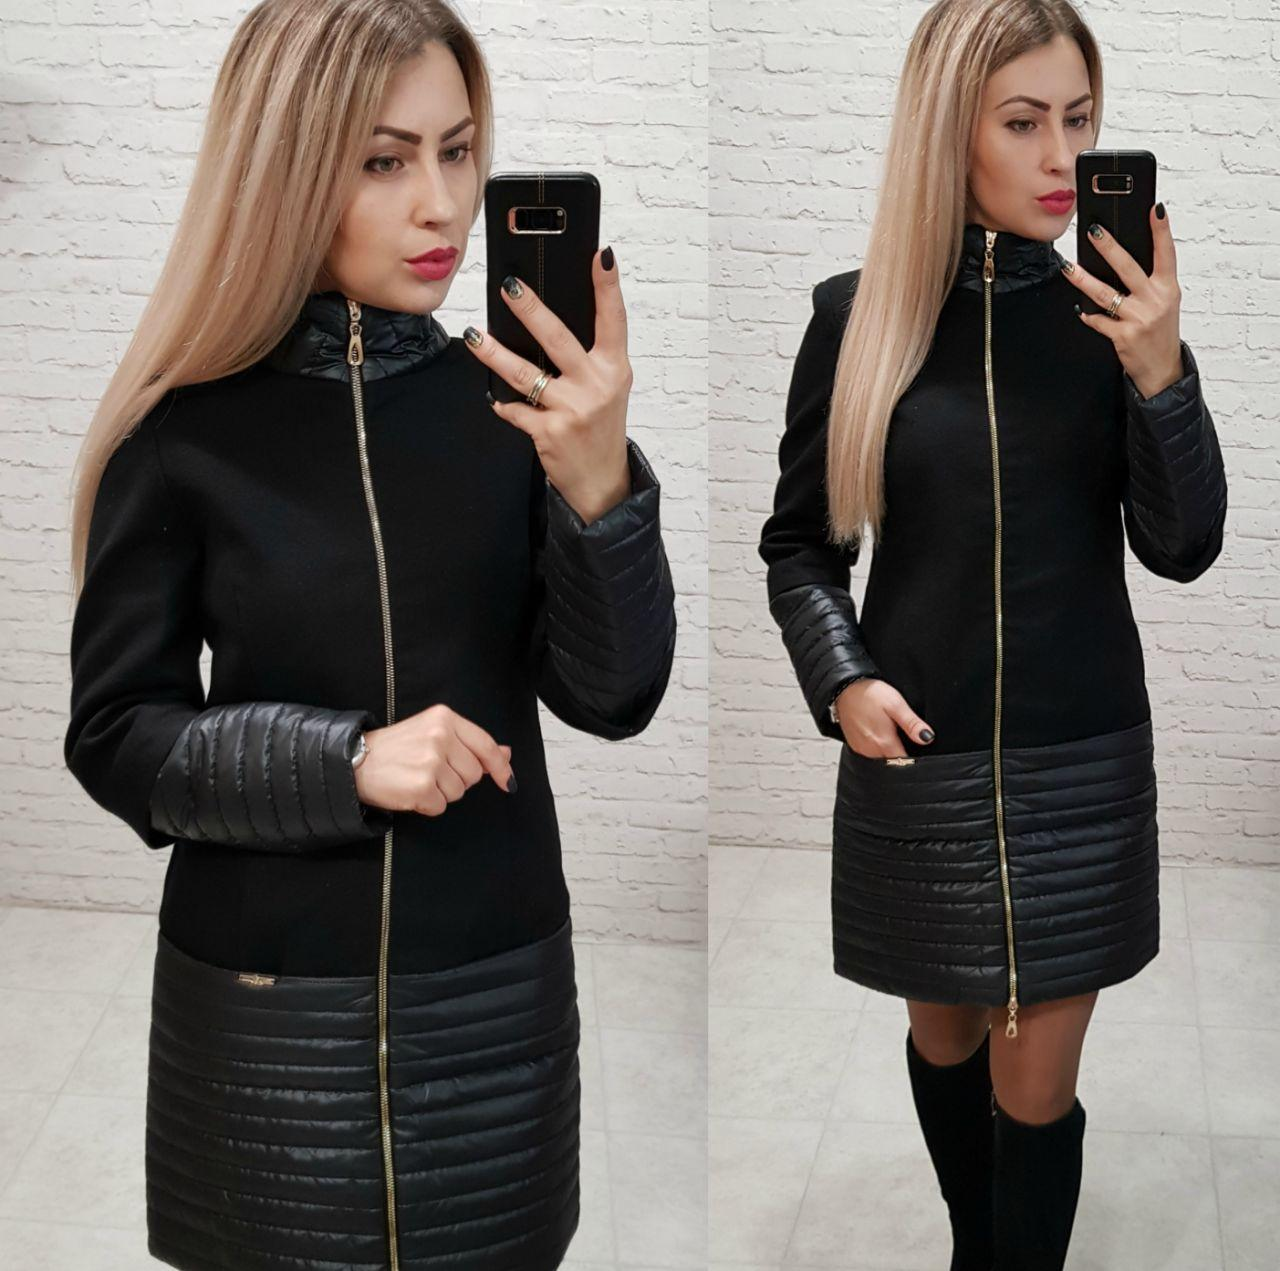 Пальто, арт 137, ткань кашемир + плащевка, цвет черный